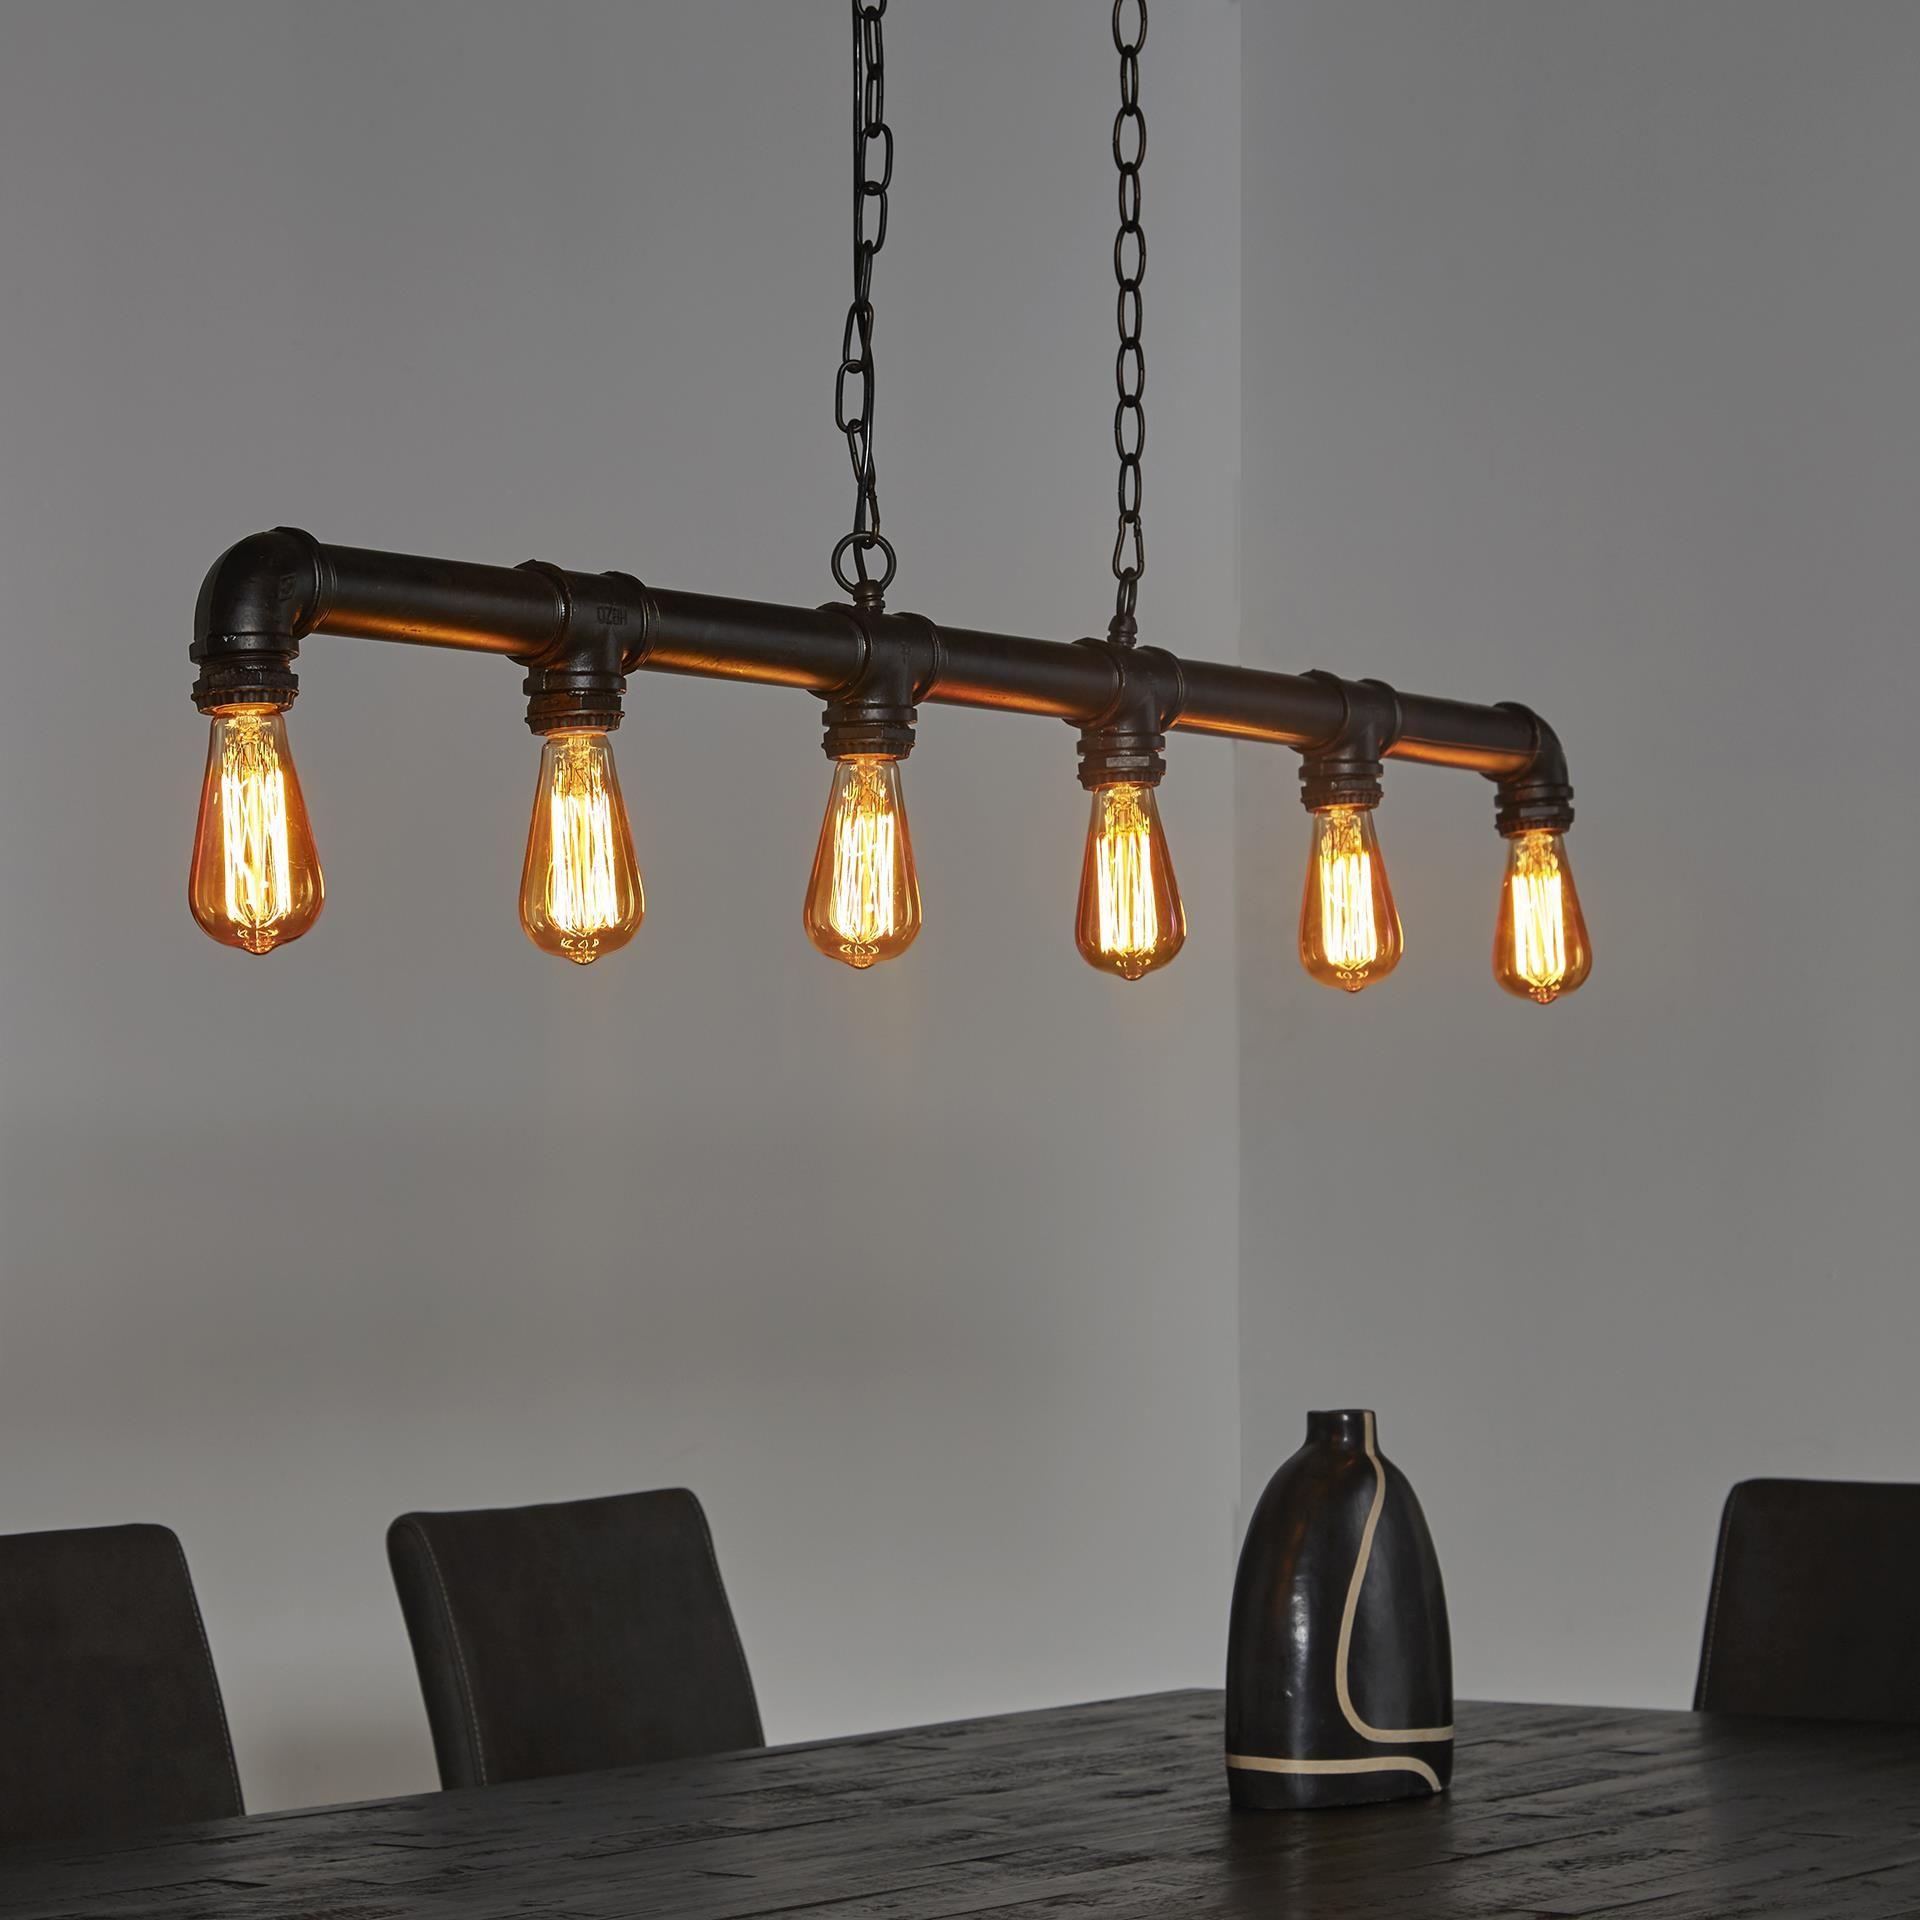 Full Size of Hngelampe Industrierohr Rohr Fabrik Lampe Pendelleuchte Led Deckenleuchte Wohnzimmer Deckenlampen Modern Deckenleuchten Bad Schlafzimmer Deckenlampe Küche Wohnzimmer Holzlampe Decke